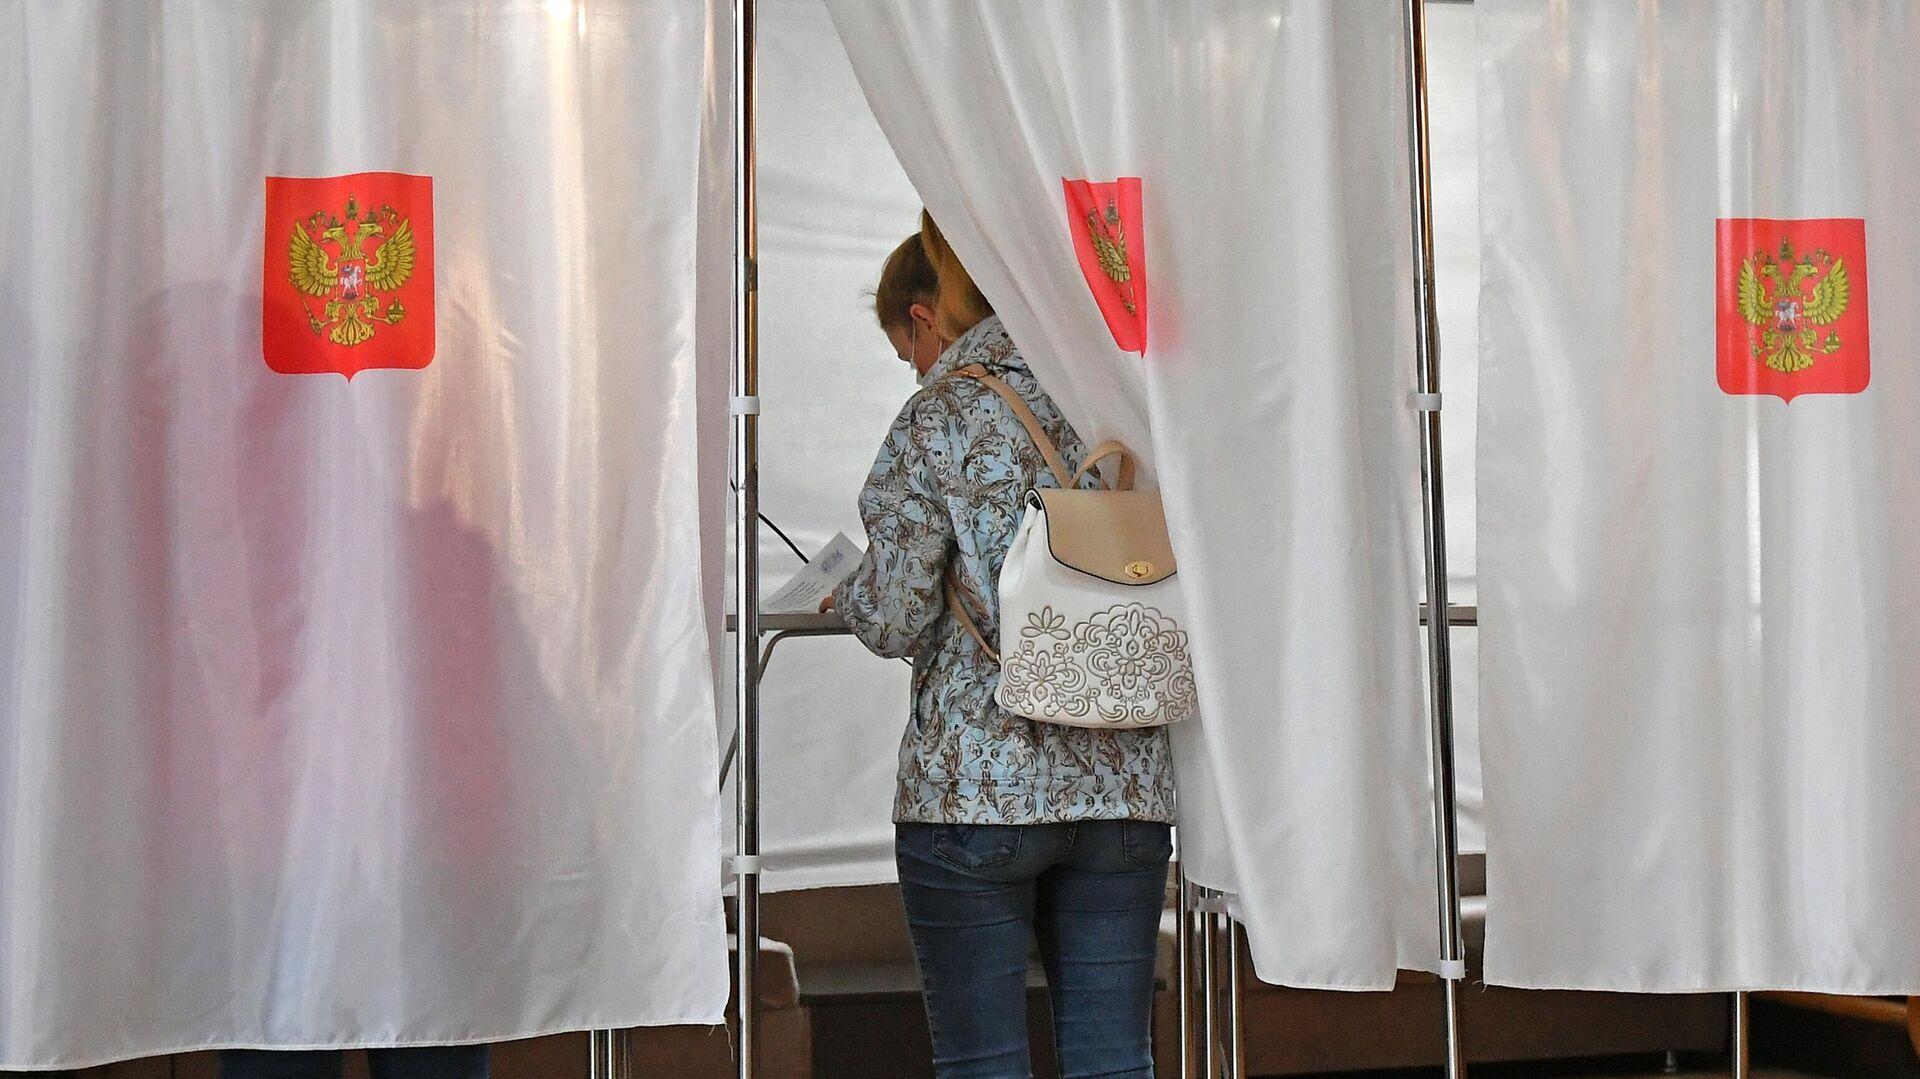 Люди участвуют в голосовании на выборах в местные органы власти в Красноярском крае - РИА Новости, 1920, 13.09.2020